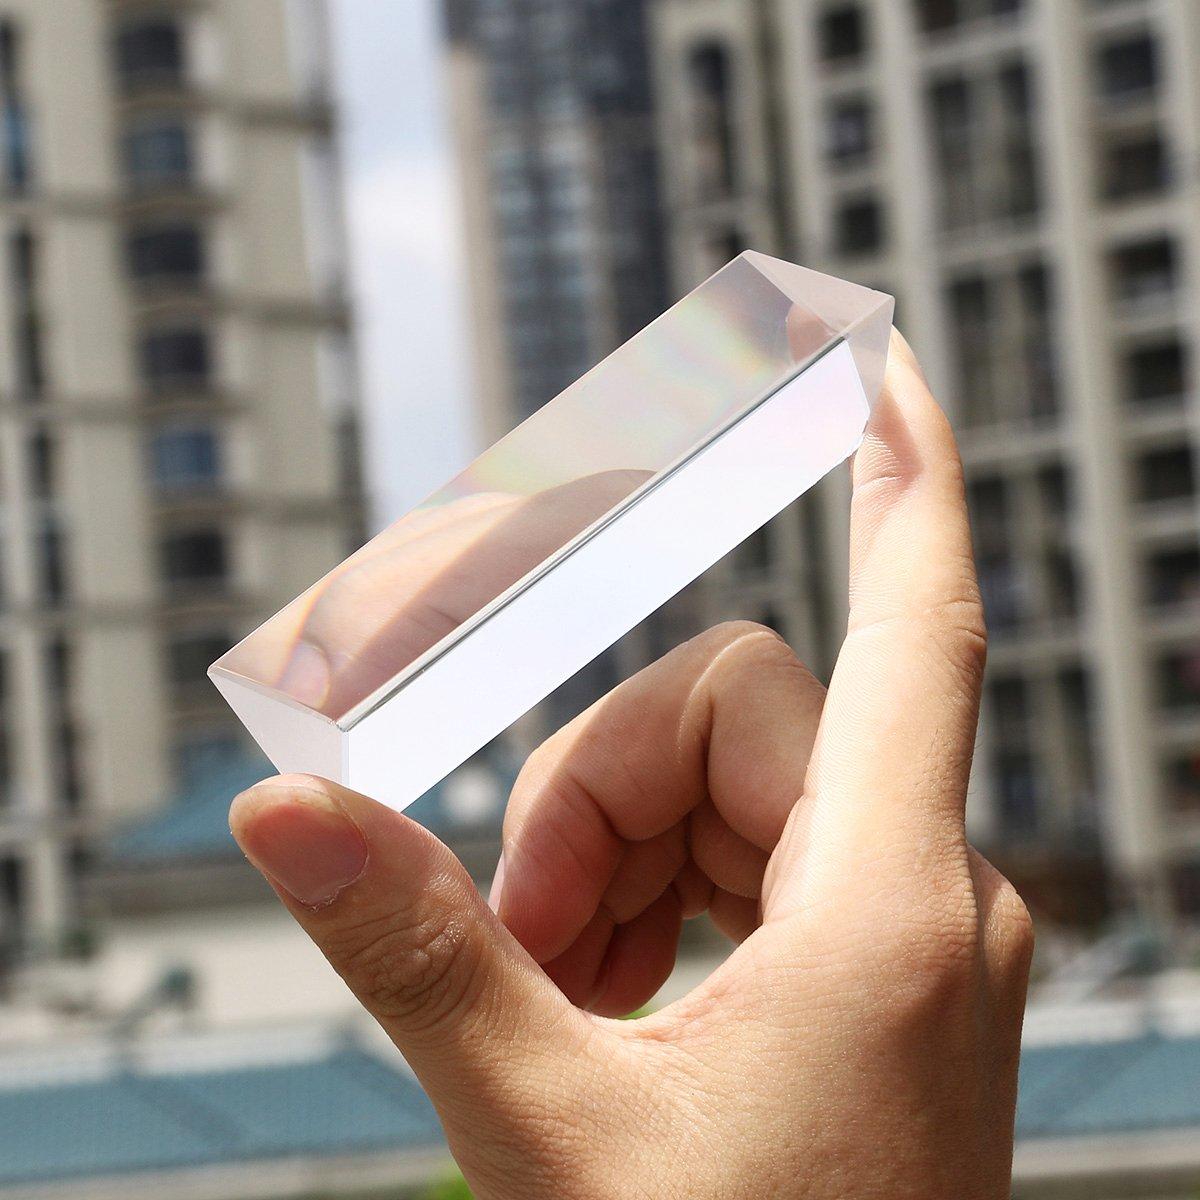 100/* 30/* 30/m m, transparent ueetek prisme triangulaire cristallin du verre optique pour Ense/ñar physique du spectre l/éger